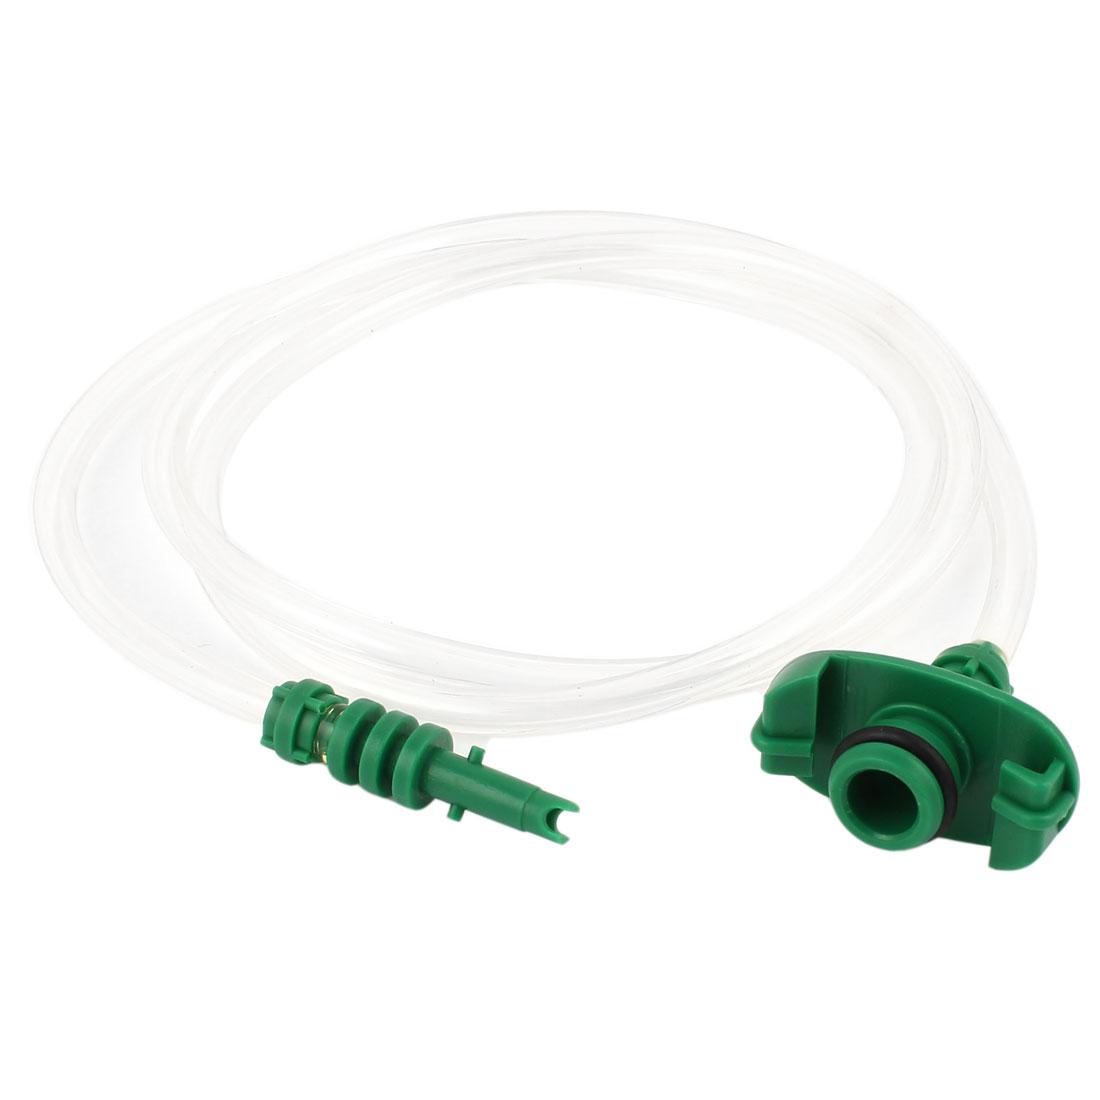 15mm Inner Dia 10cc 10ml Barrel Glue Dispenser Syringe Adapter 1Meter Length